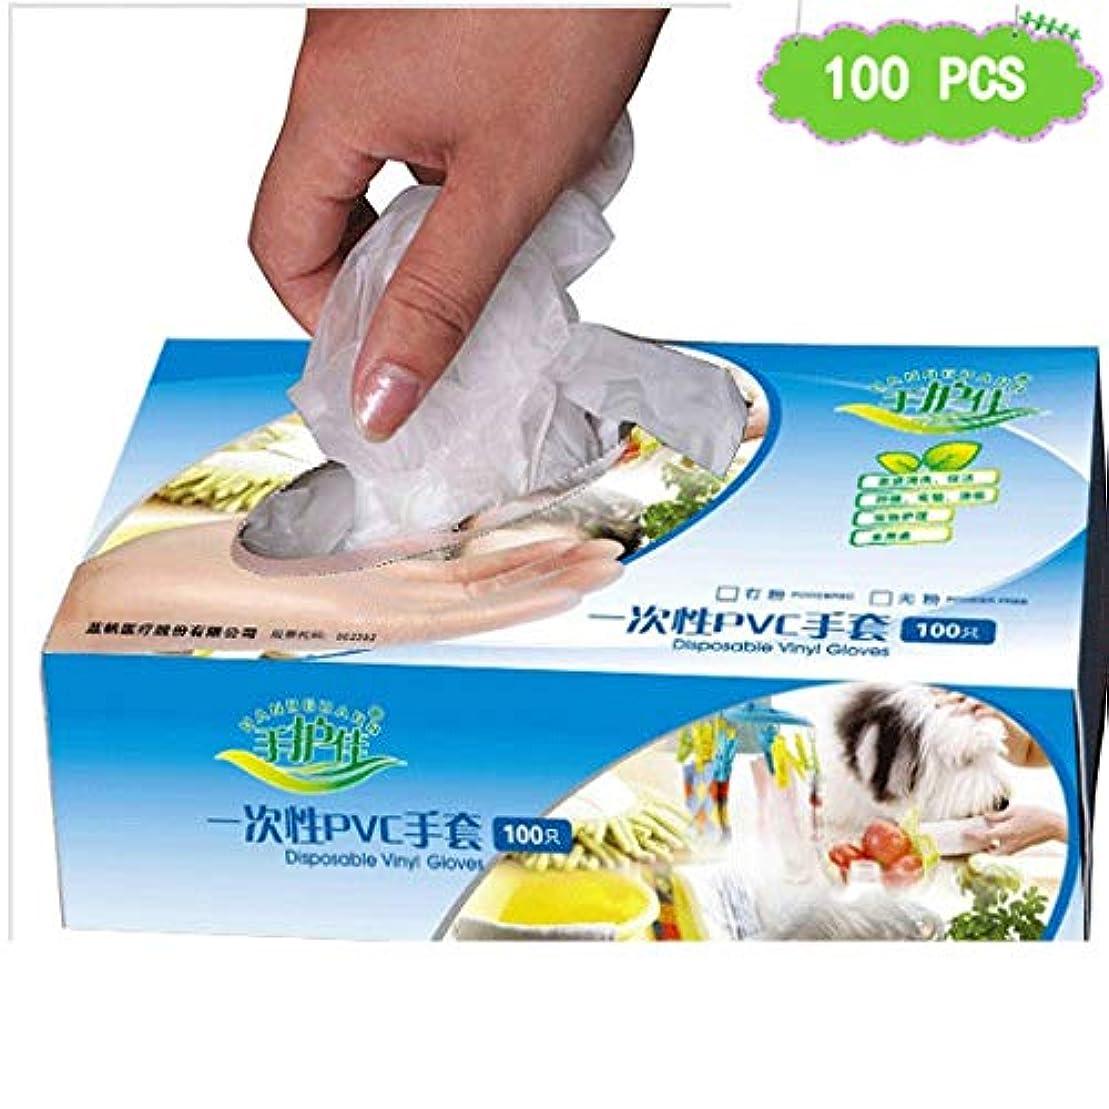 抑圧する植物のコントロールビニール試験使い捨て手袋ゴム研究所労働保険PVC手袋検査保護実験、ビューティーサロンラテックスフリー、パウダーフリー、両手利き、100個 (Size : M)